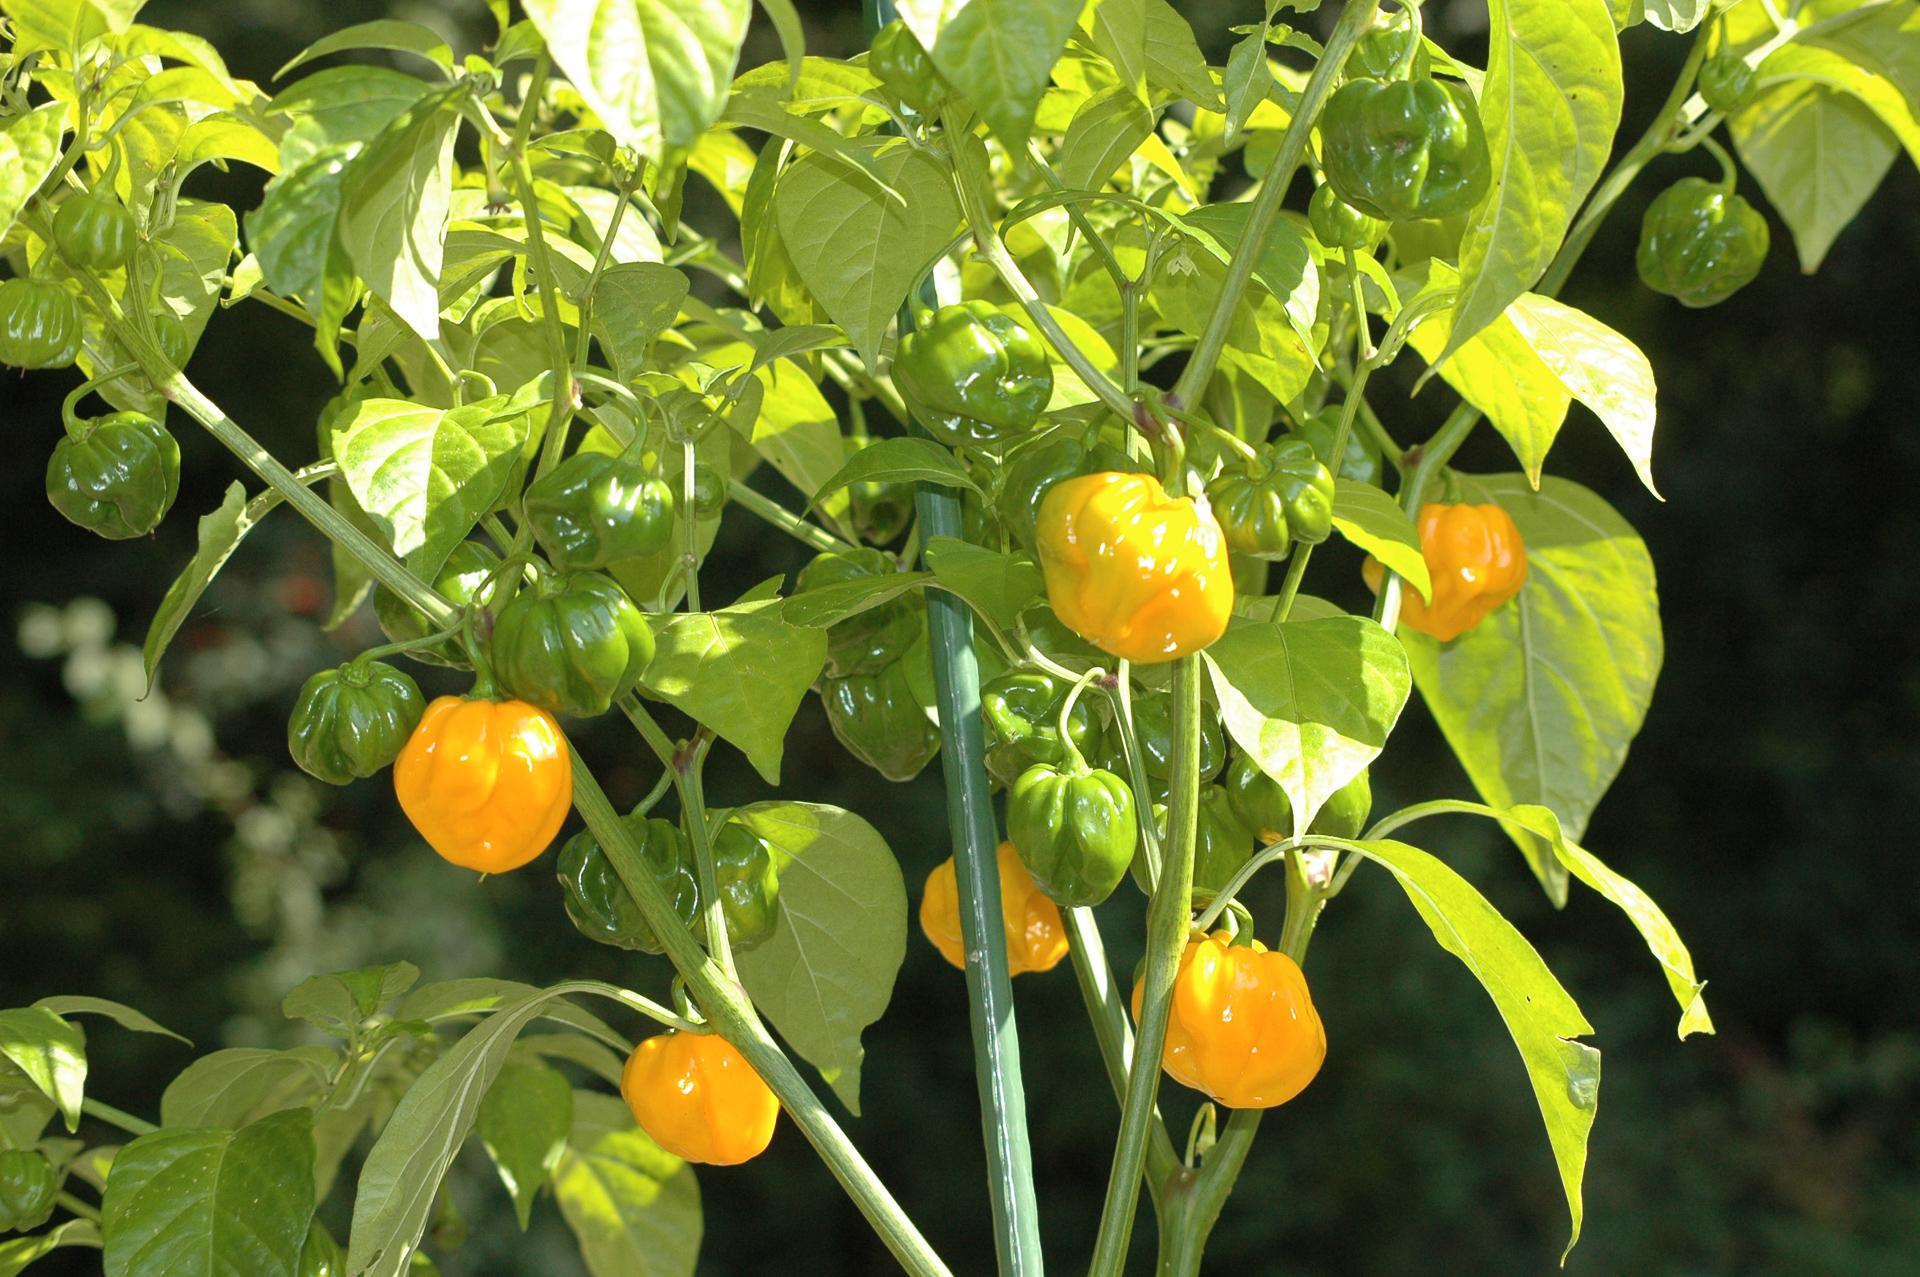 BRA 00170129-1 - Capsicum sp. - Chilisorte